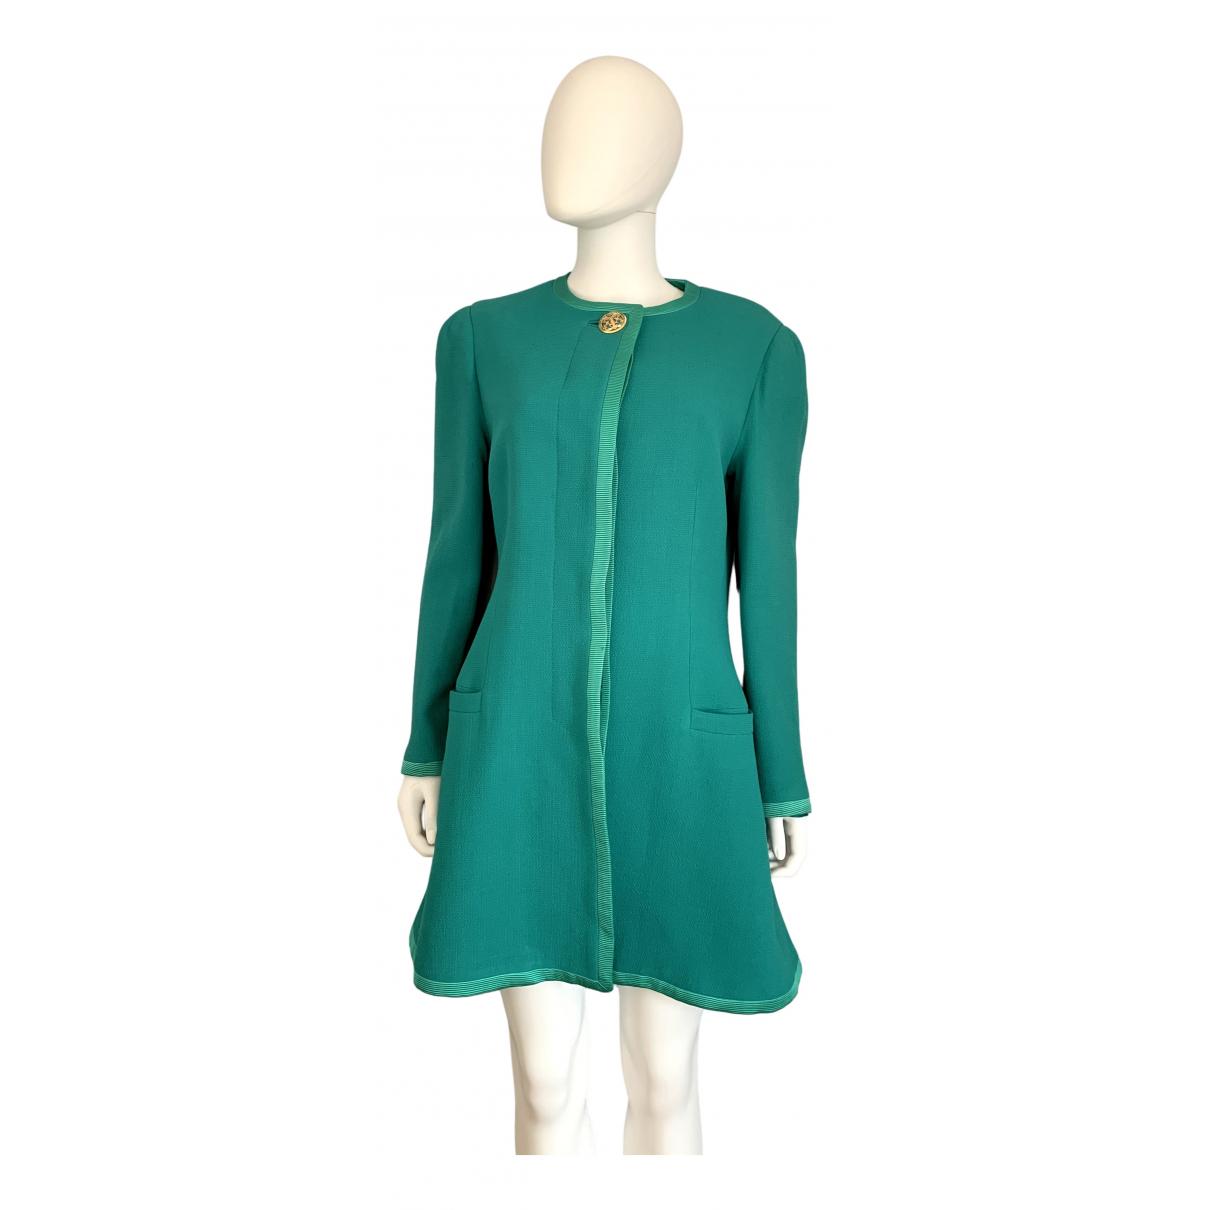 Gianni Versace - Manteau   pour femme en laine - turquoise